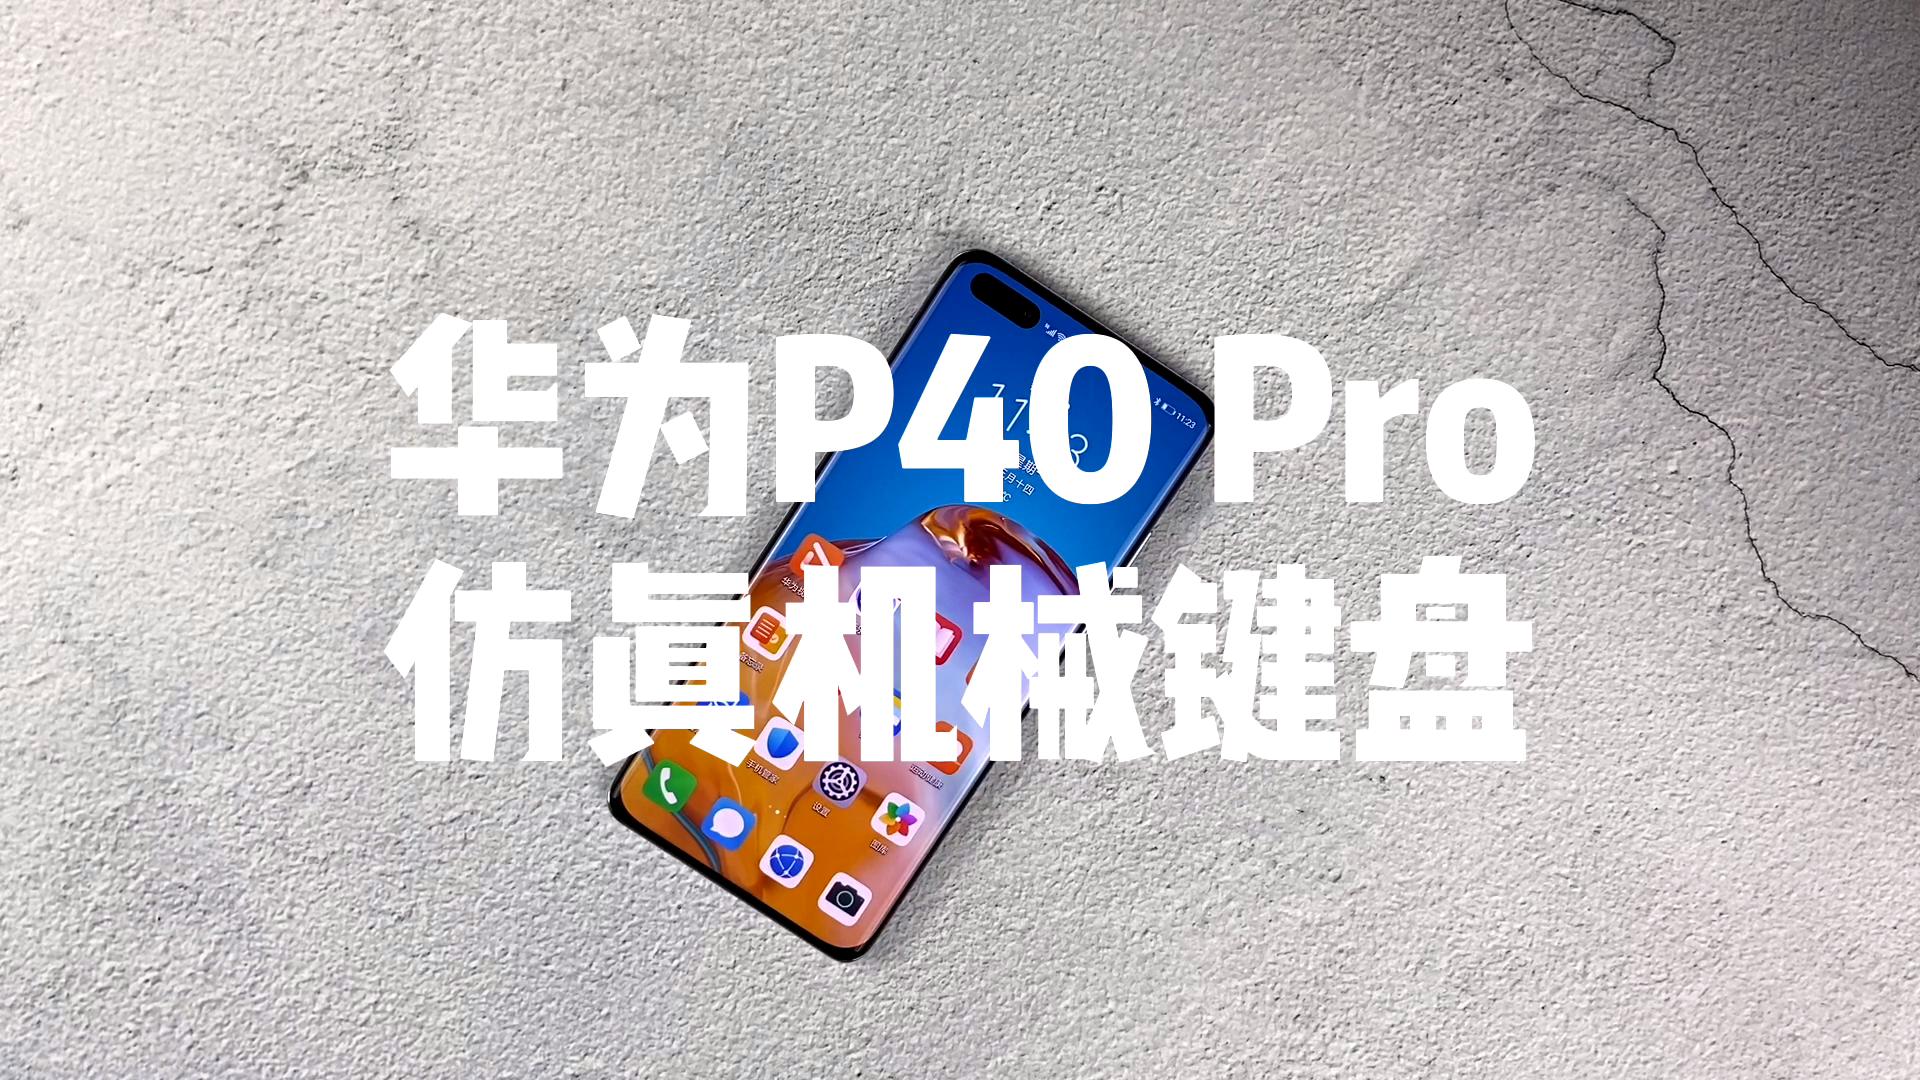 手机震感升级体验,华为P40 Pro带来樱桃机械键盘!